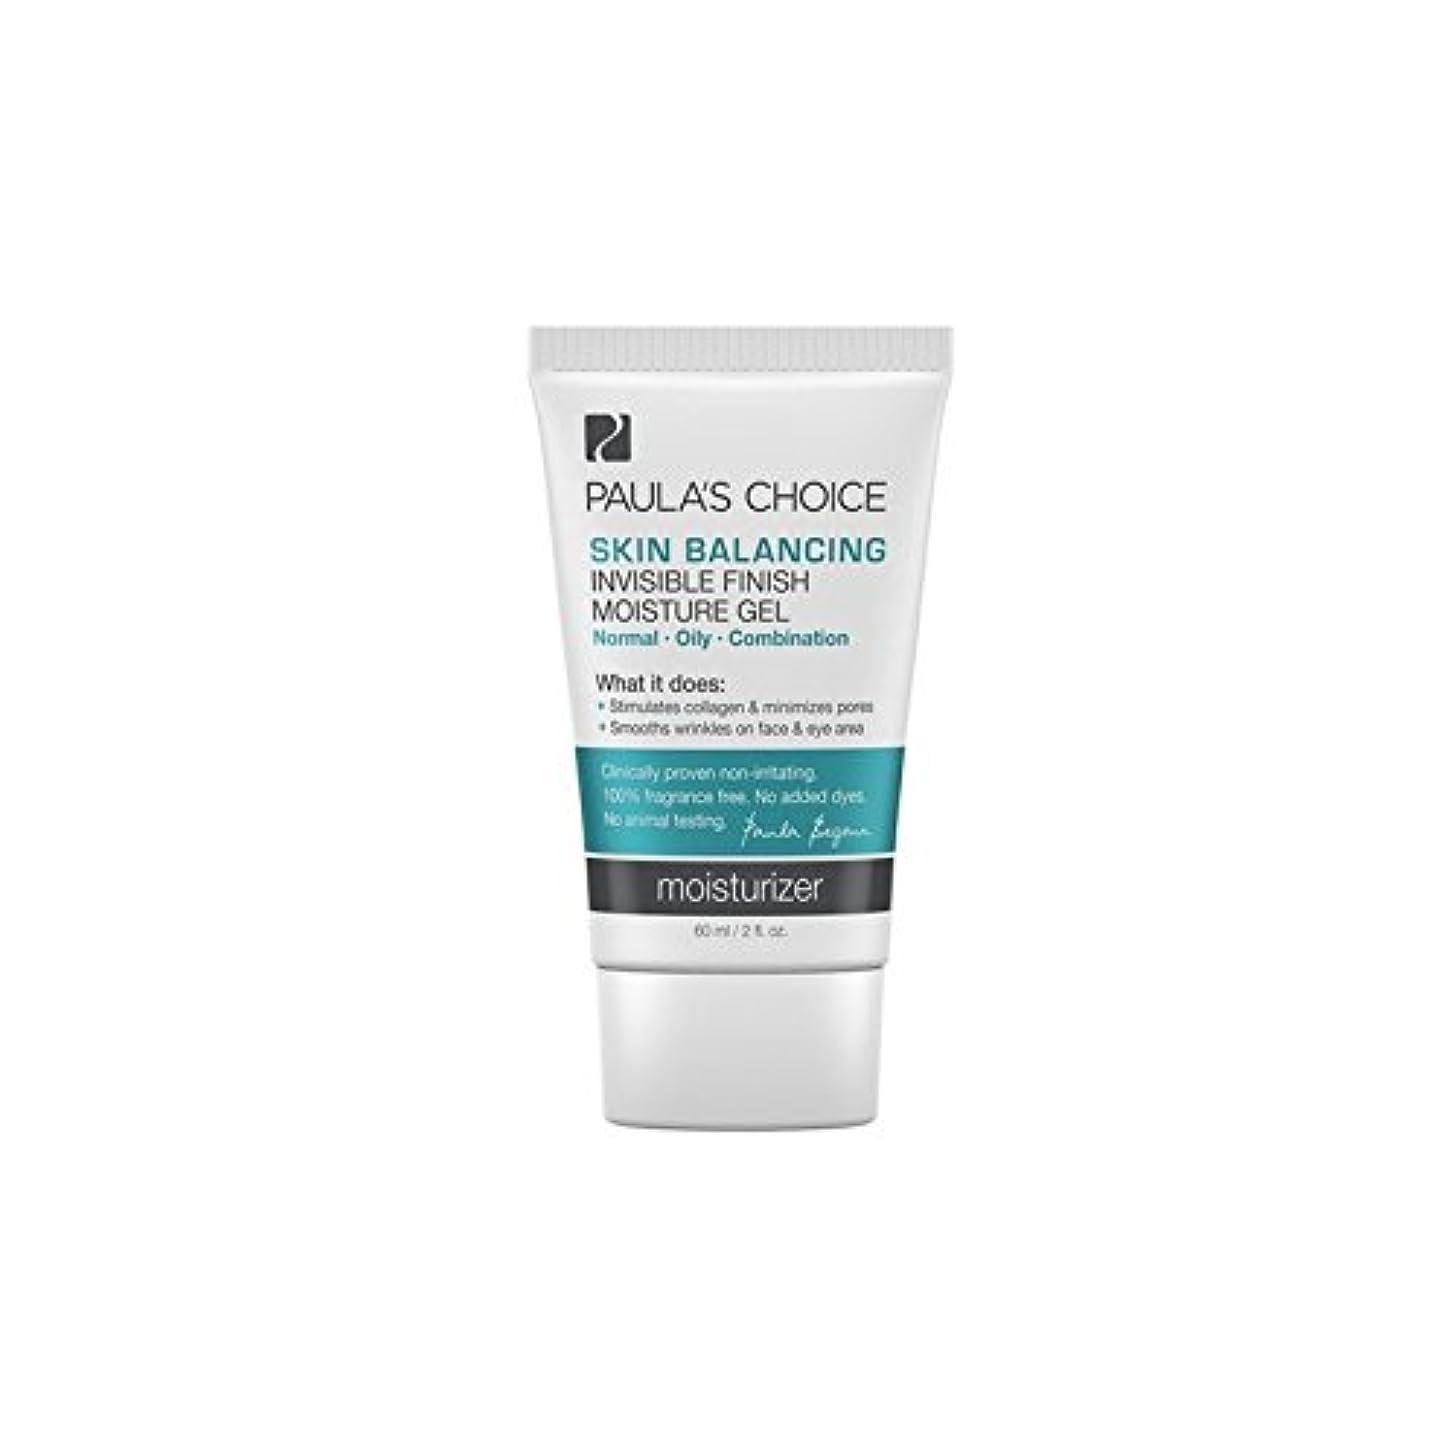 有効なデッド動かすPaula's Choice Skin Balancing Invisible Finish Moisture Gel (60ml) - ポーラチョイスの肌のバランス目に見えない仕上がり水分ゲル(60ミリリットル) [並行輸入品]